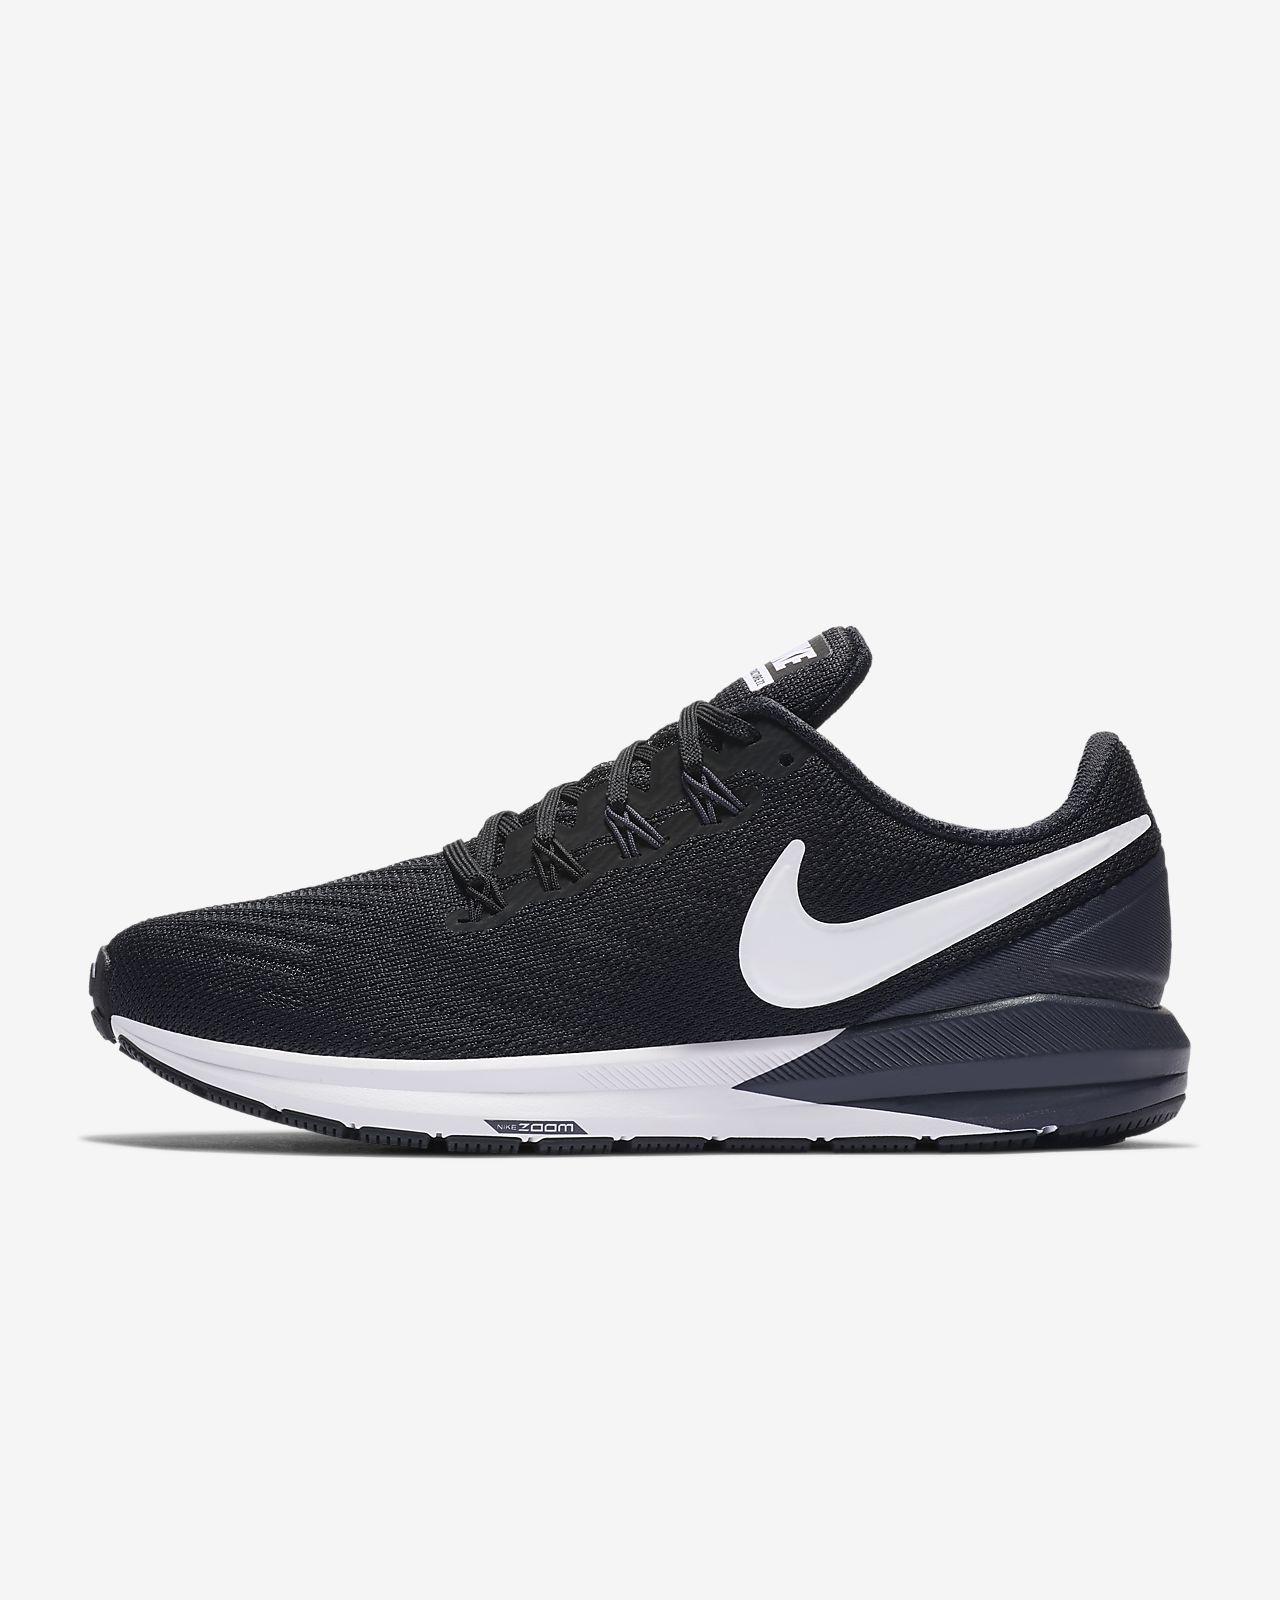 Γυναικείο παπούτσι για τρέξιμο Nike Air Zoom Structure 22